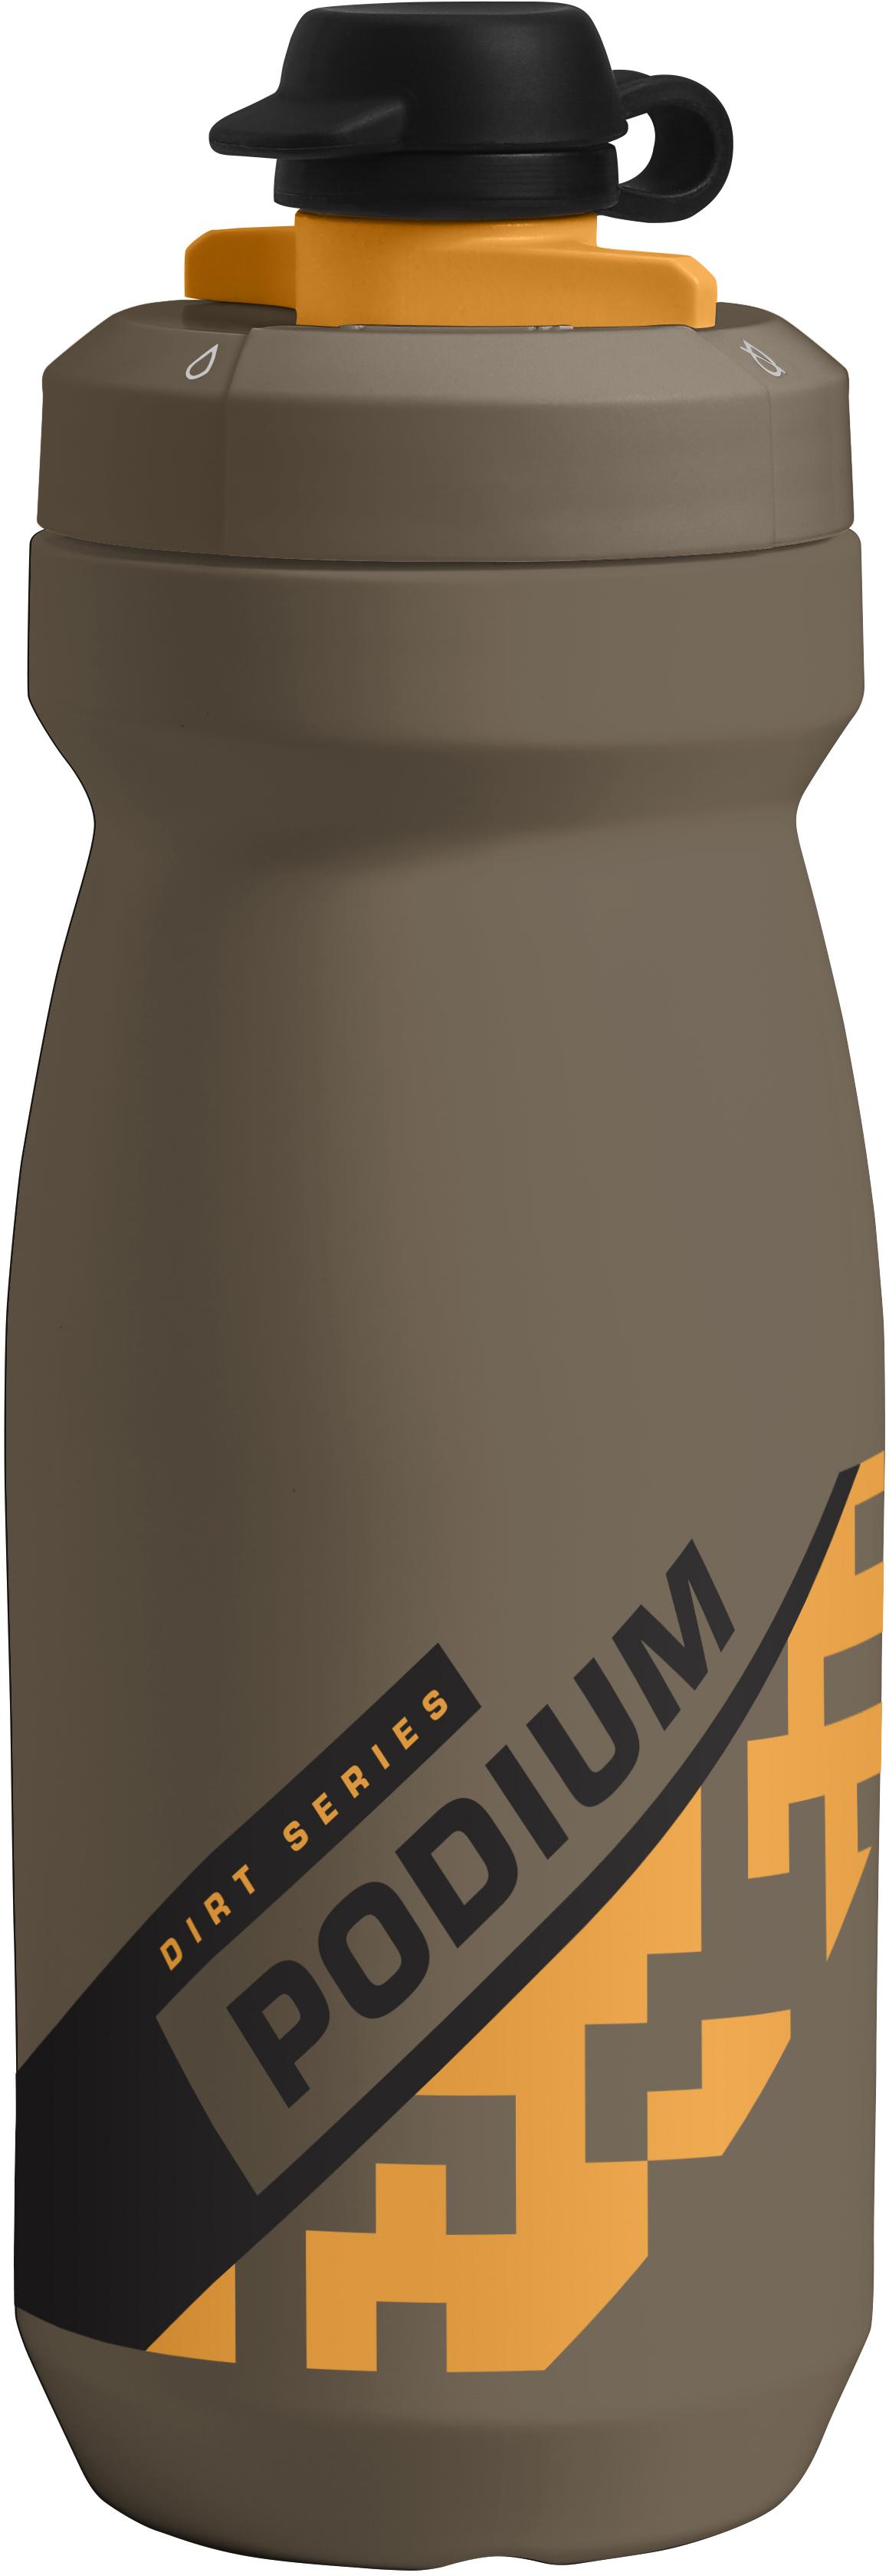 Camelbak PODIUM DIRT 0,62L, bidon, smeđa